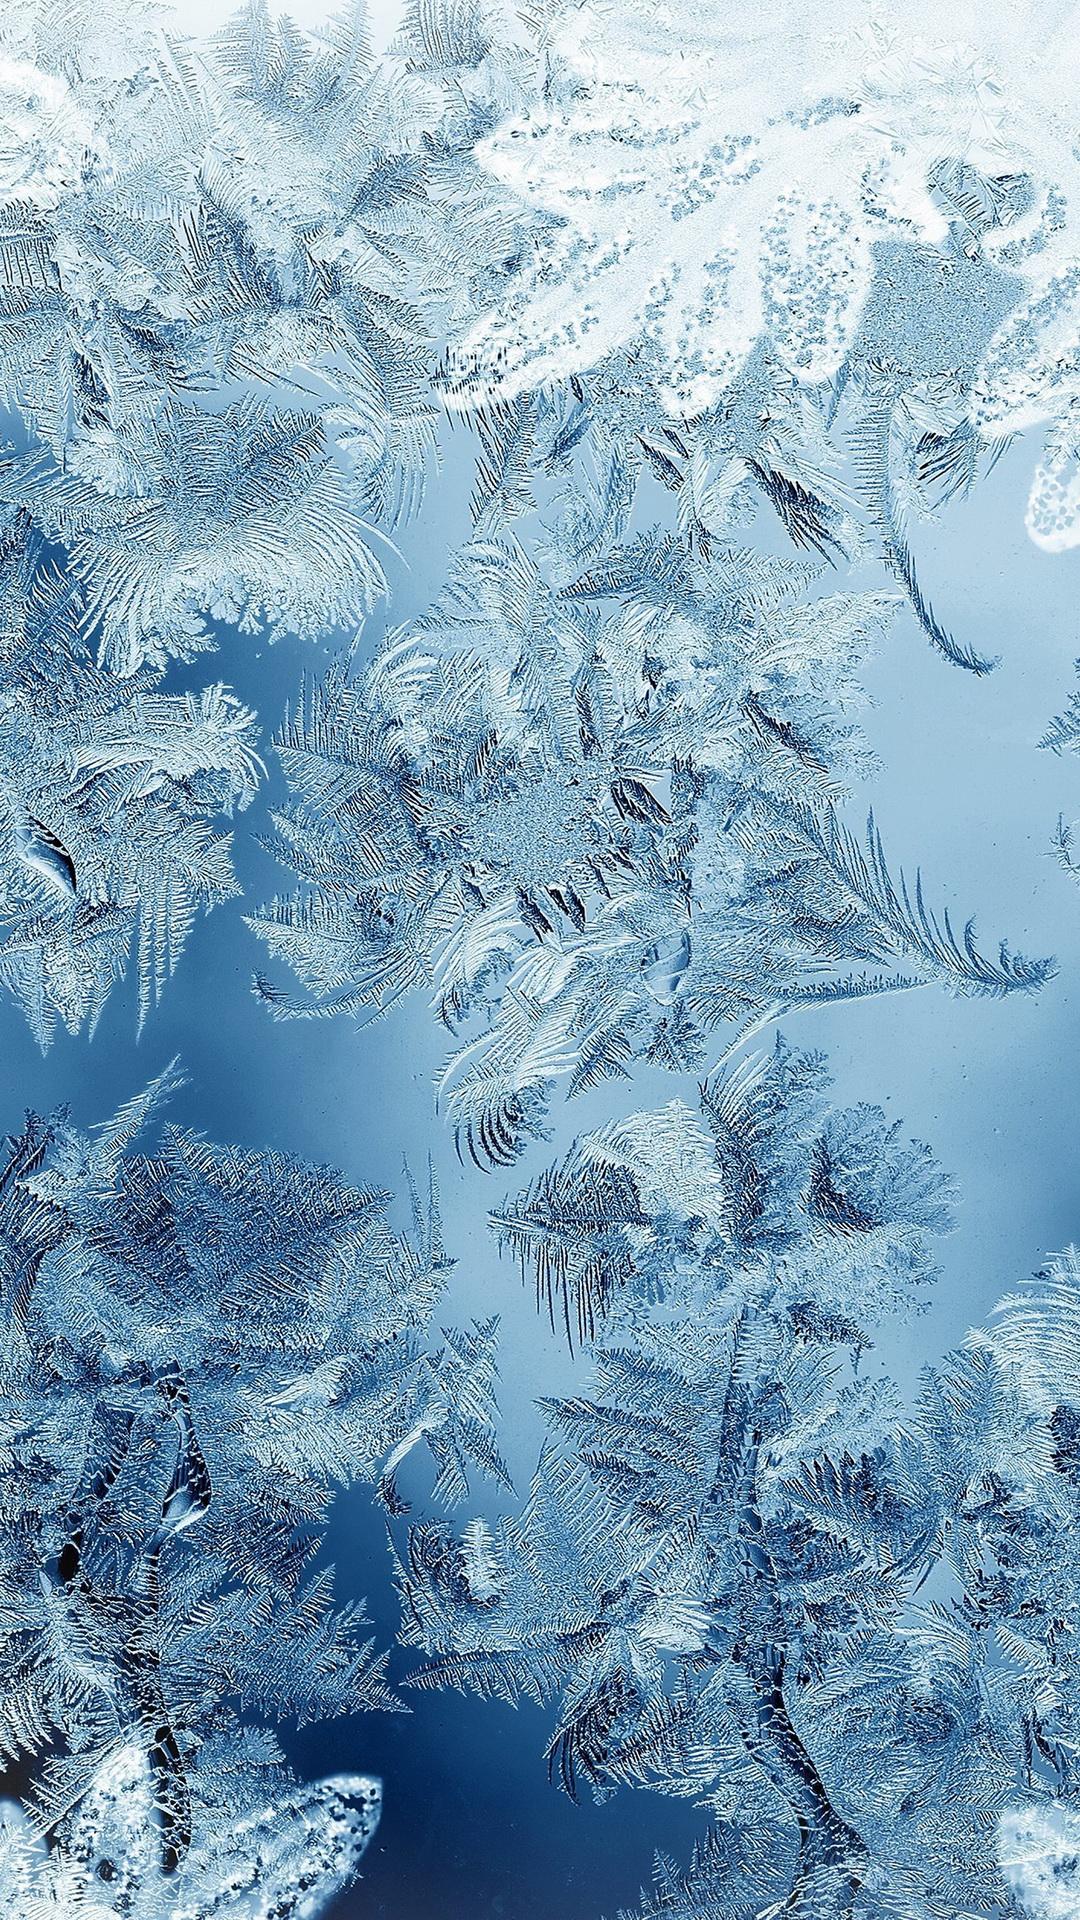 Ice pattern blue snow